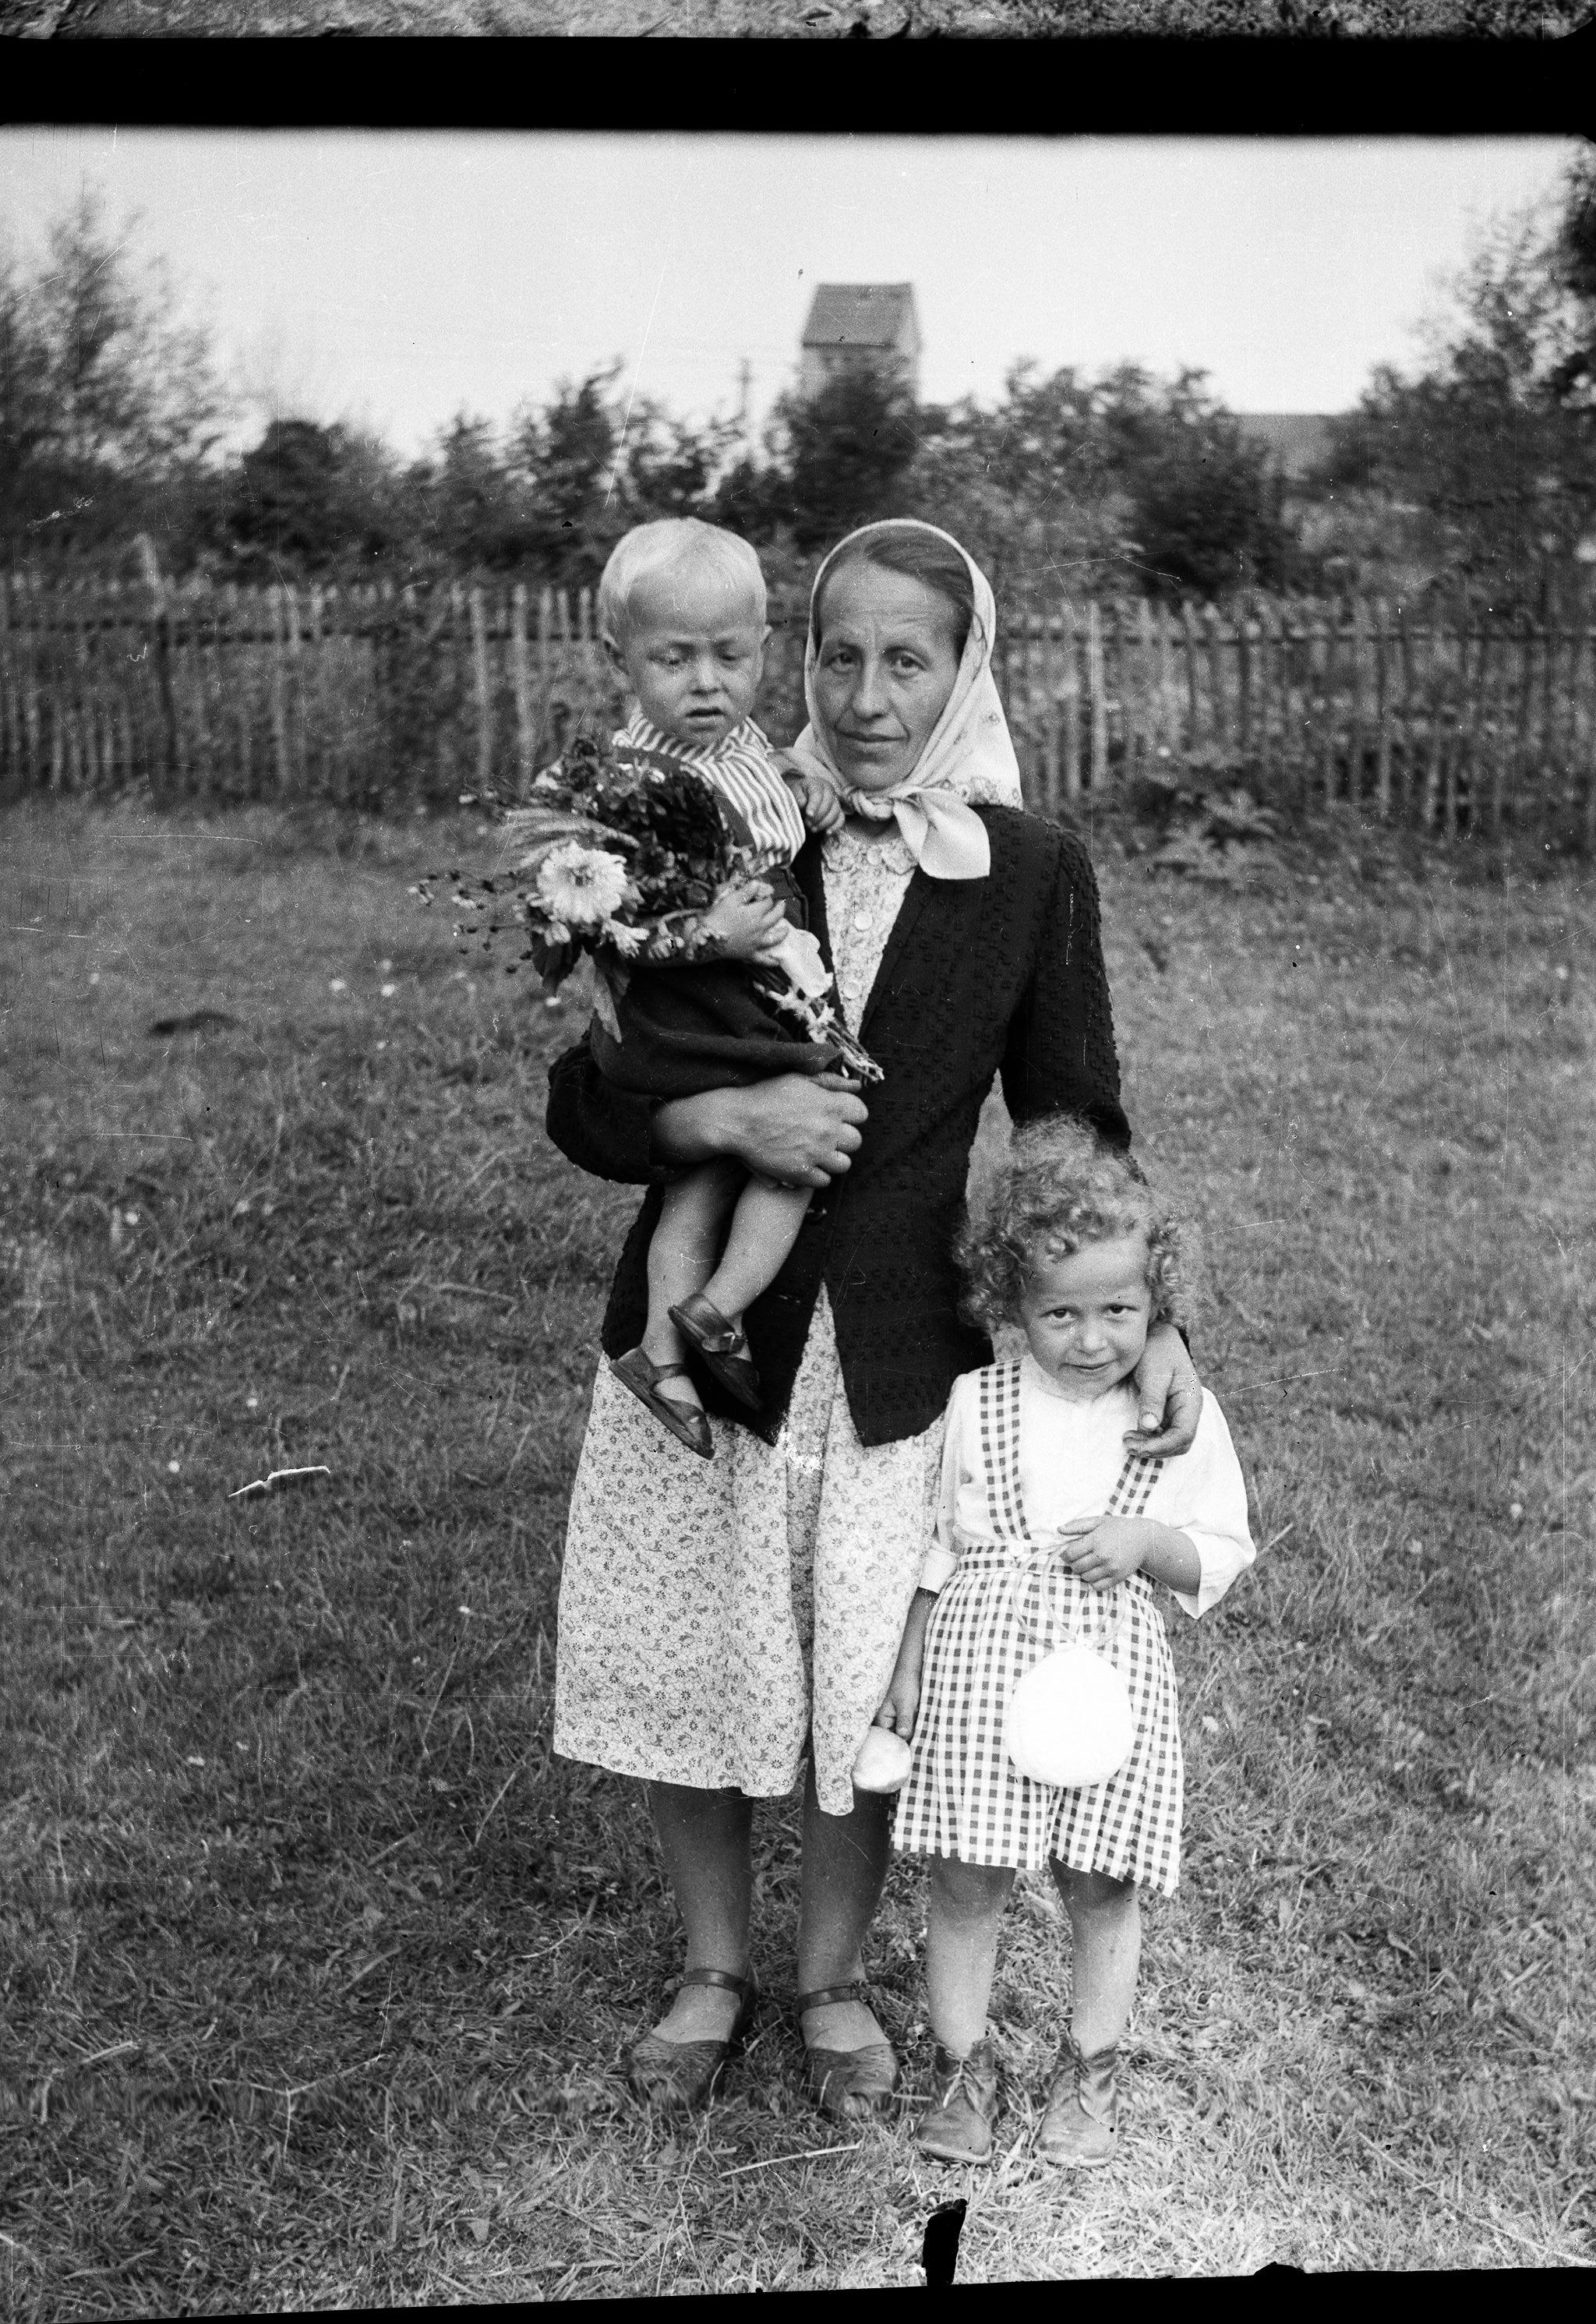 Maria Pietruszka z dziećmi - Kazikiem i Basią, Brzózka, Dolny Śląsk, lata 50. XX w.